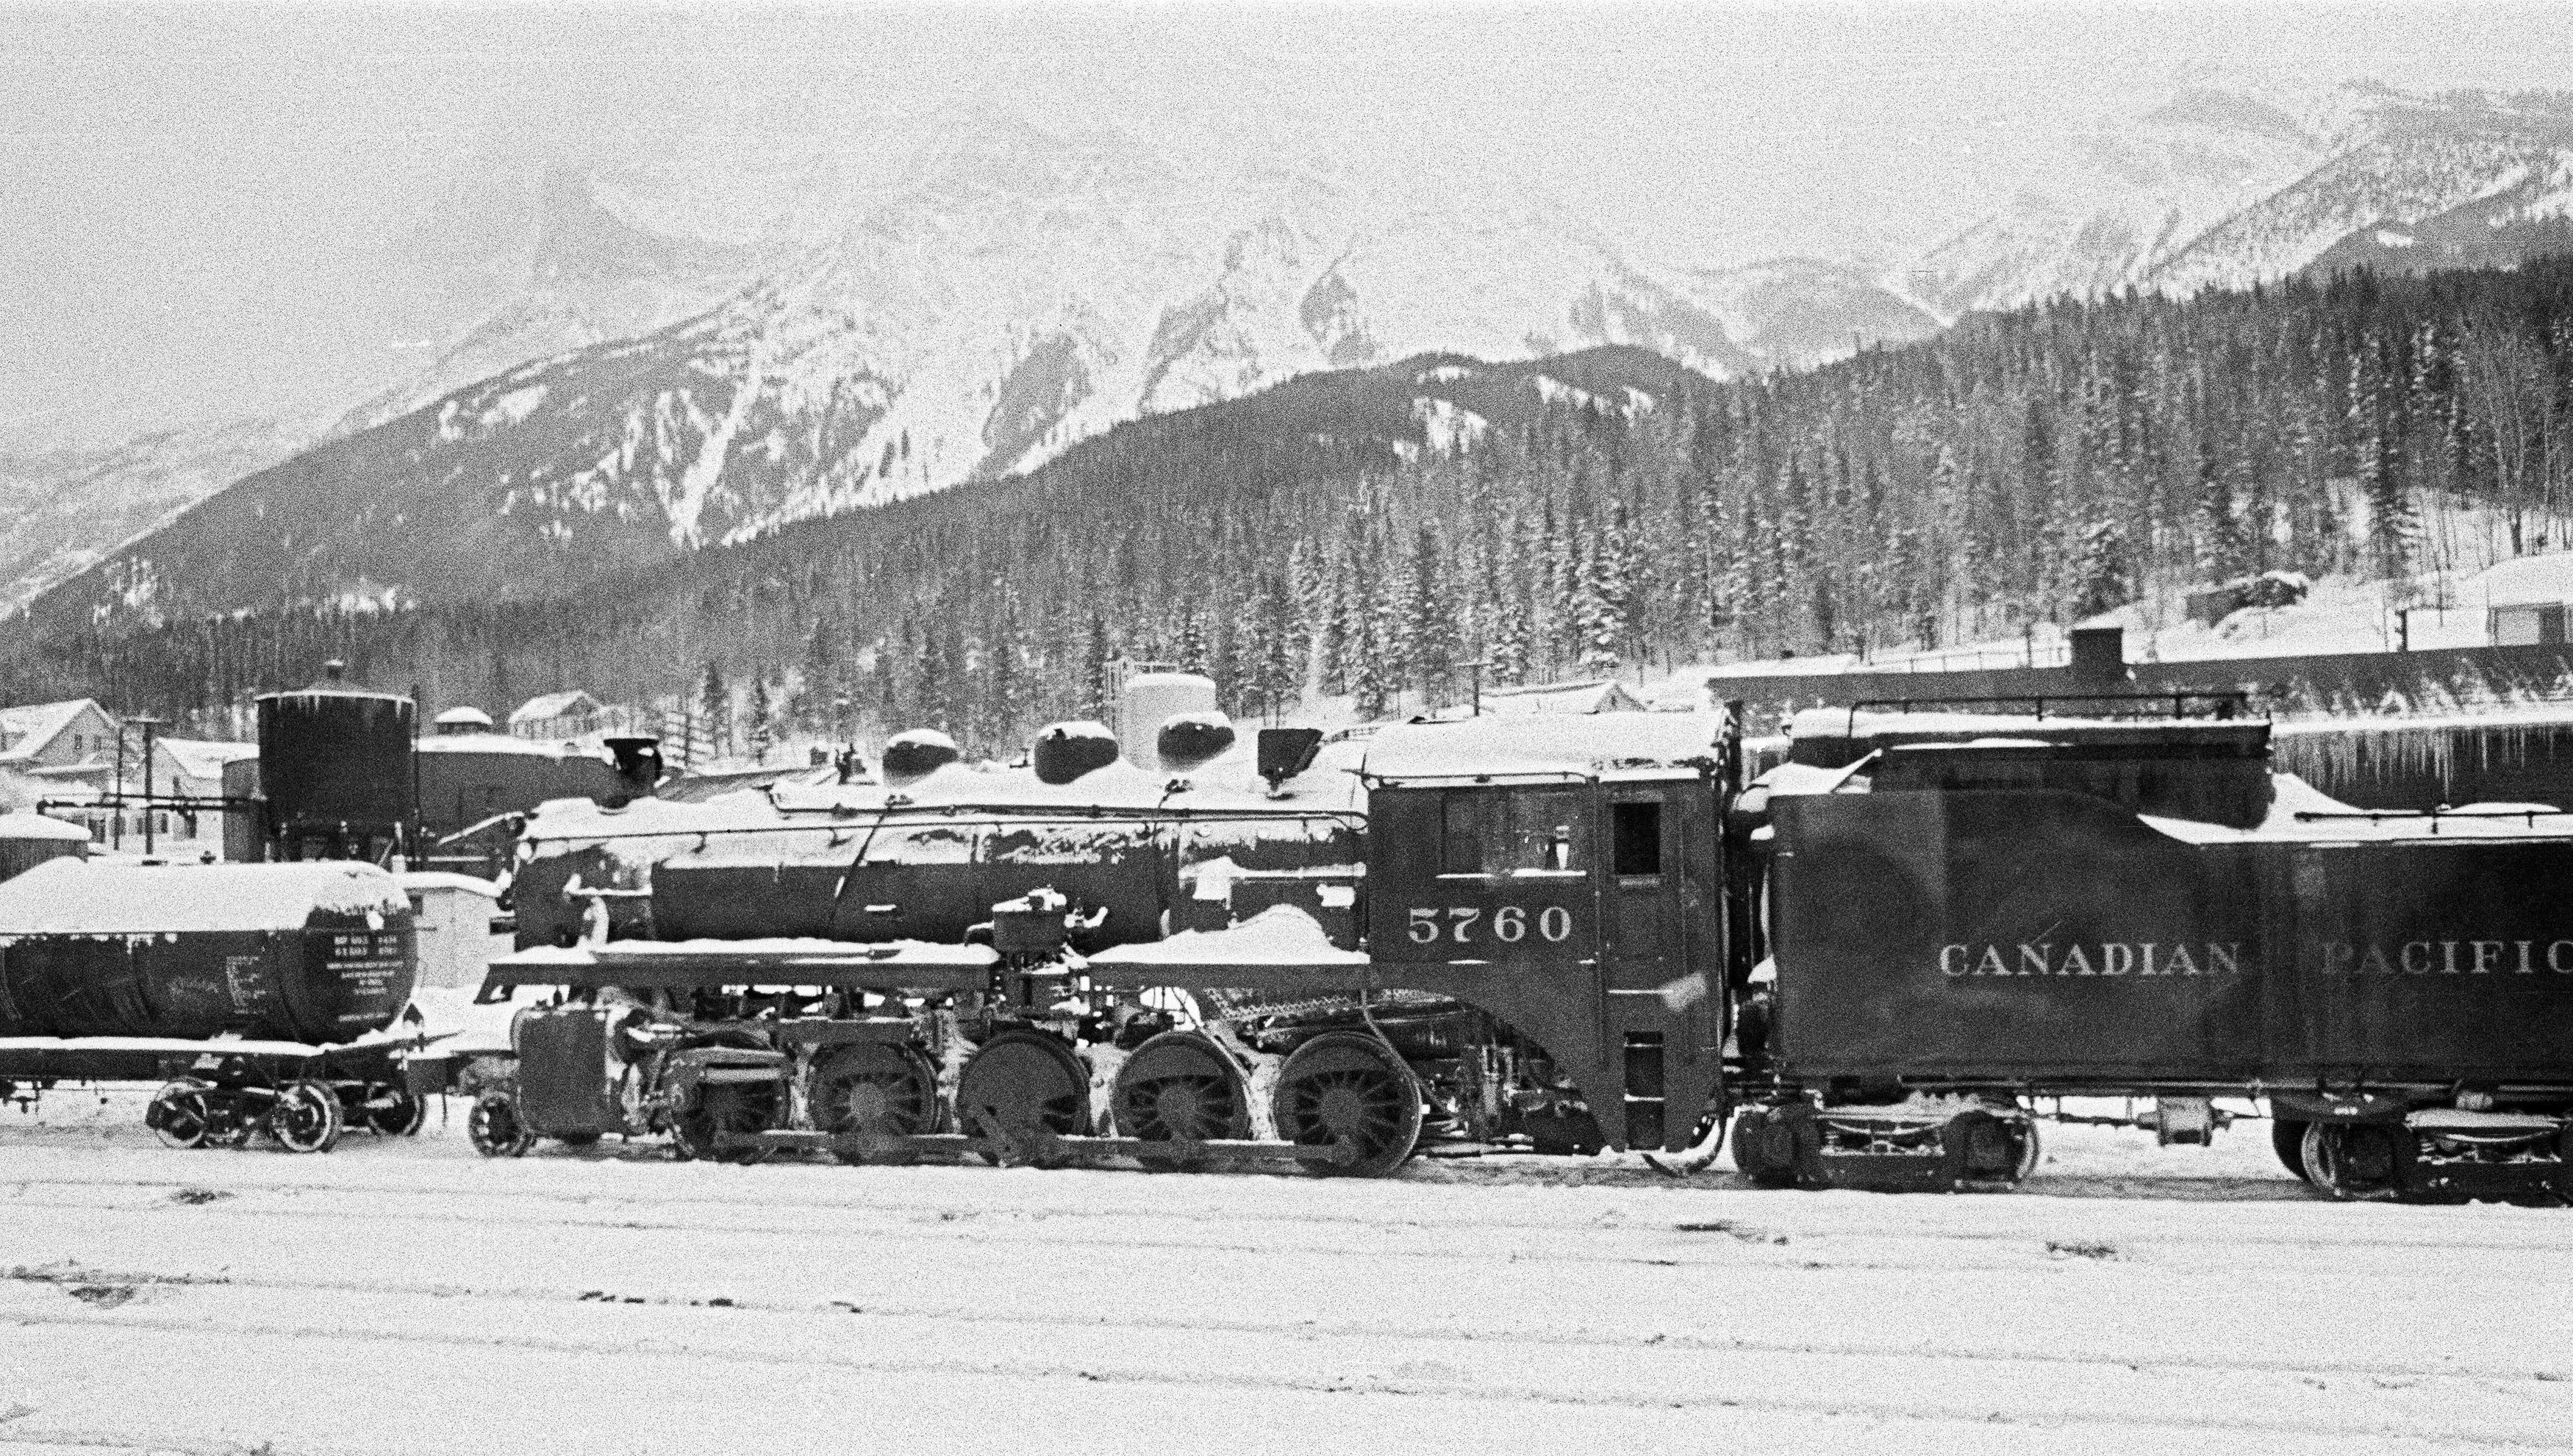 Al Riposo, Canada 1955 - Contemporary Black & White Photography